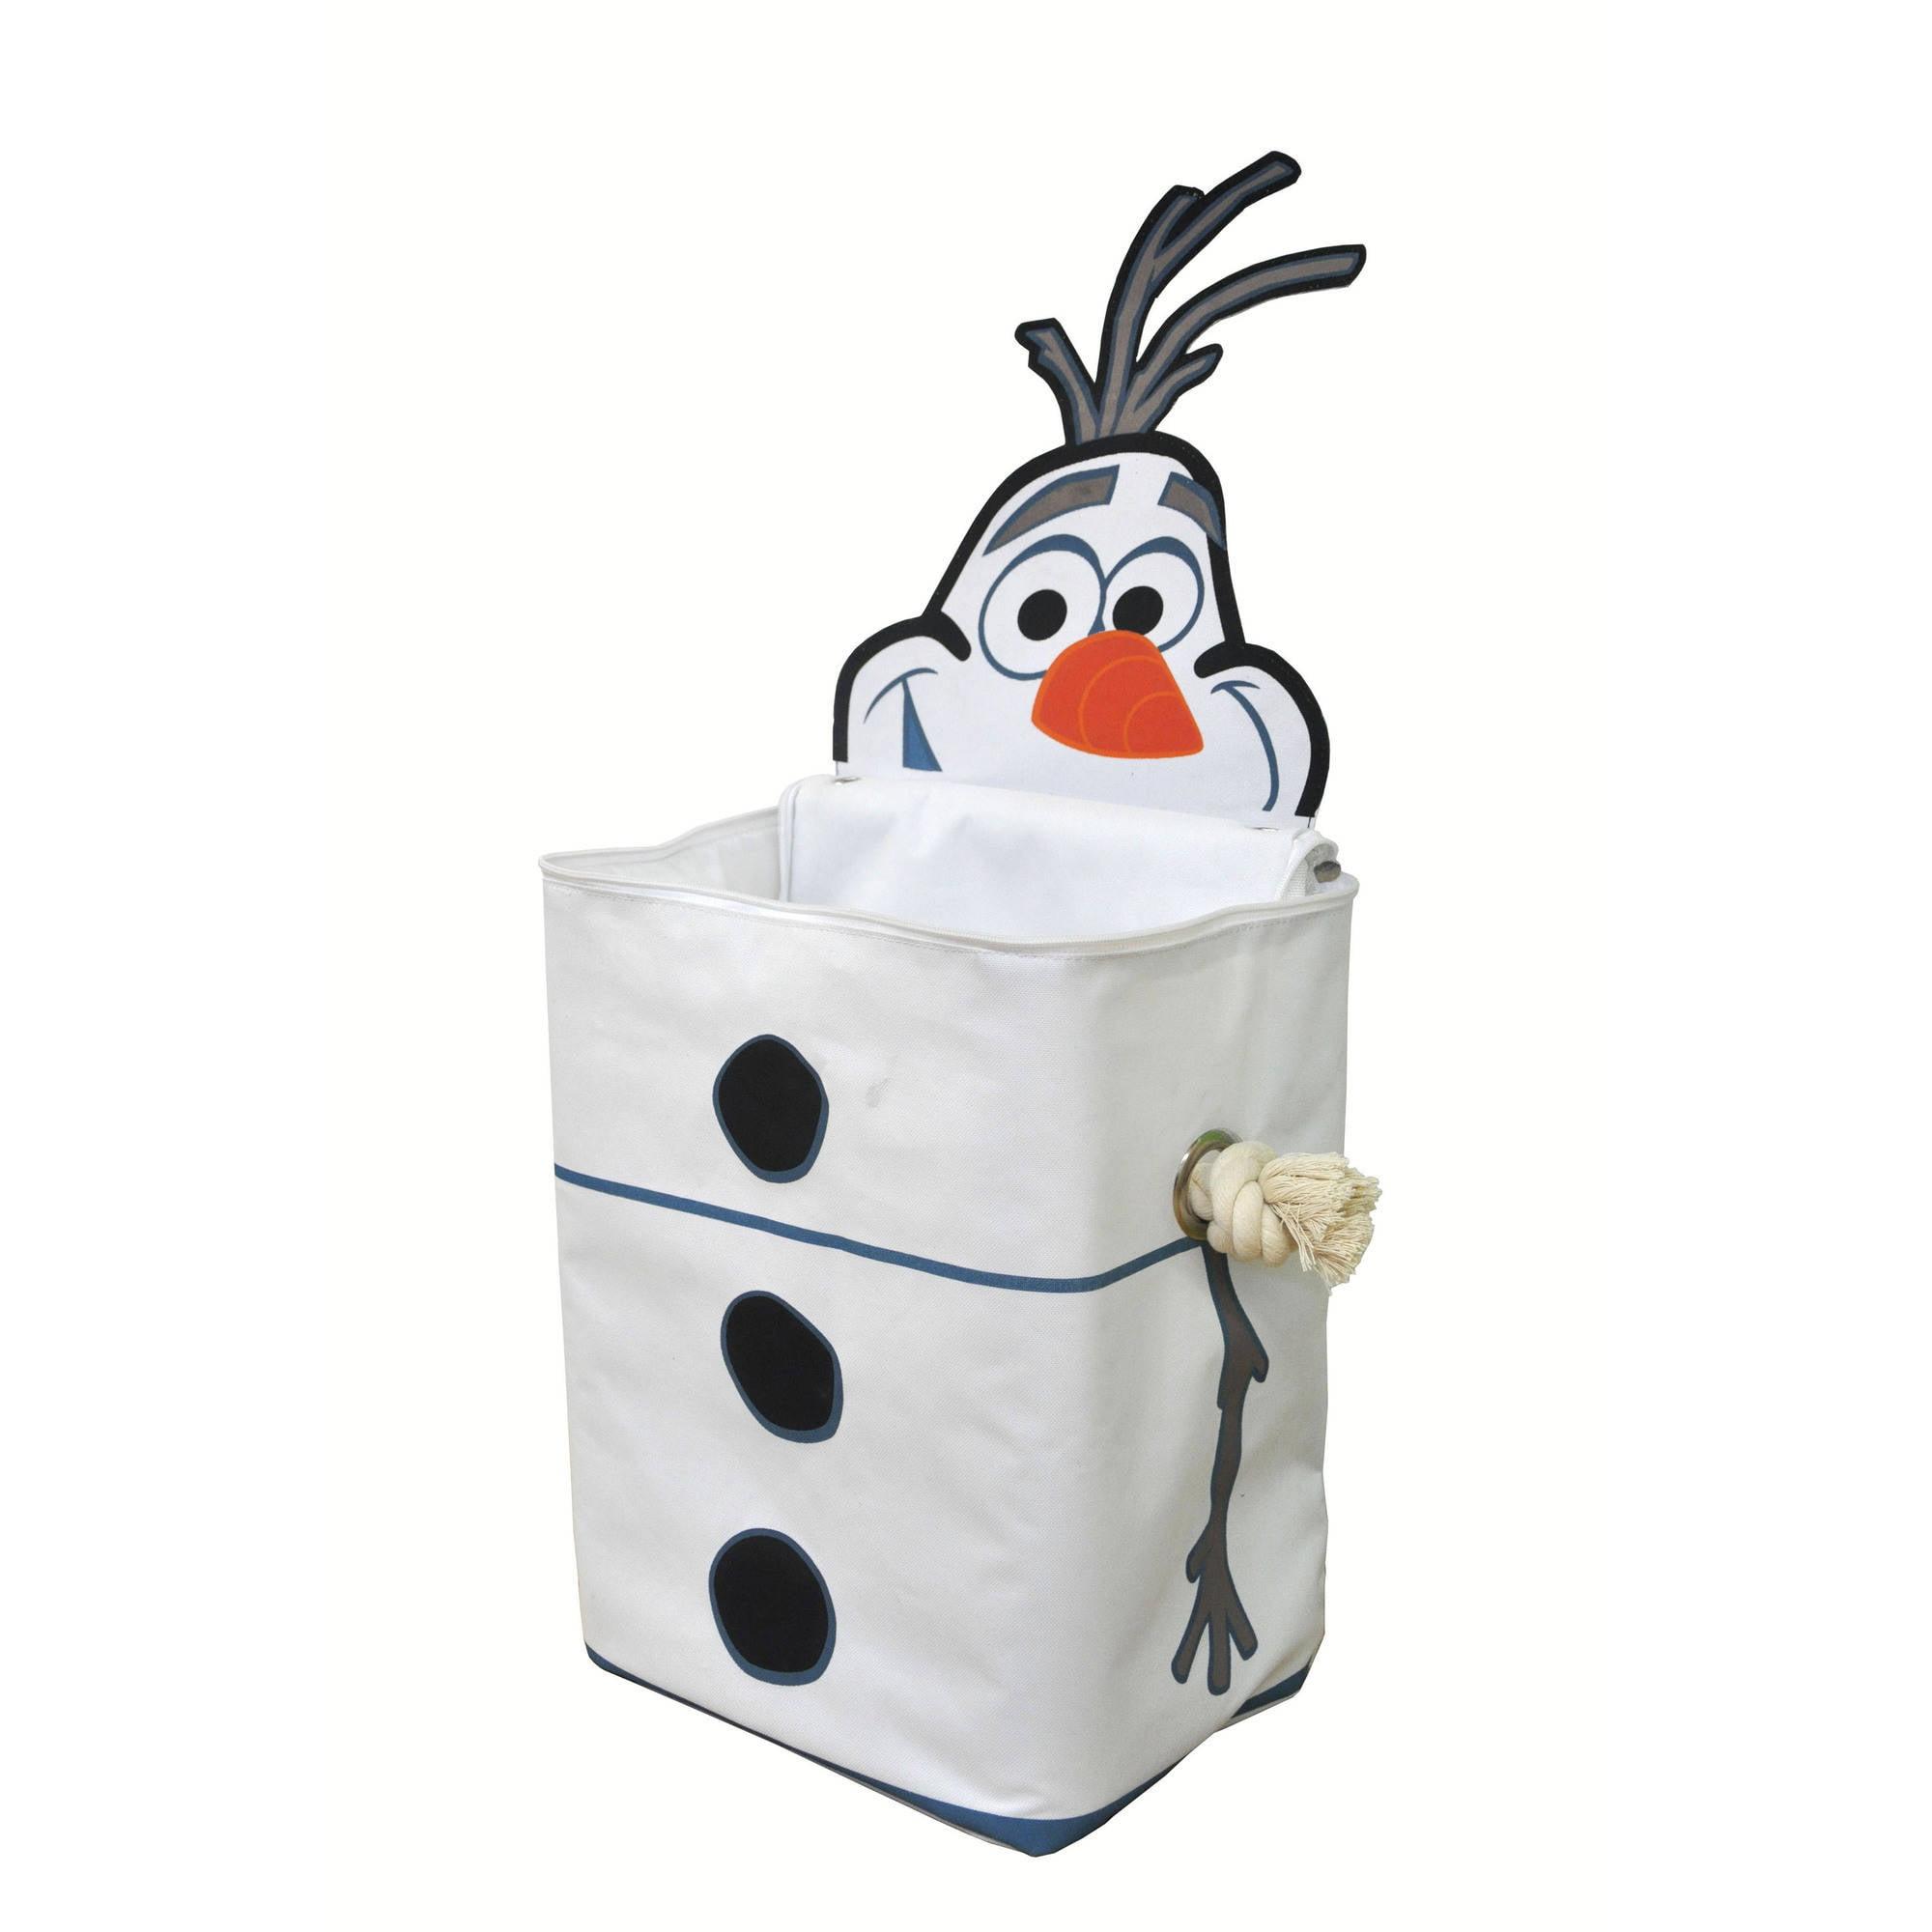 Dinsey Frozen Olaf Figural Storage Bin by Idea Nuova